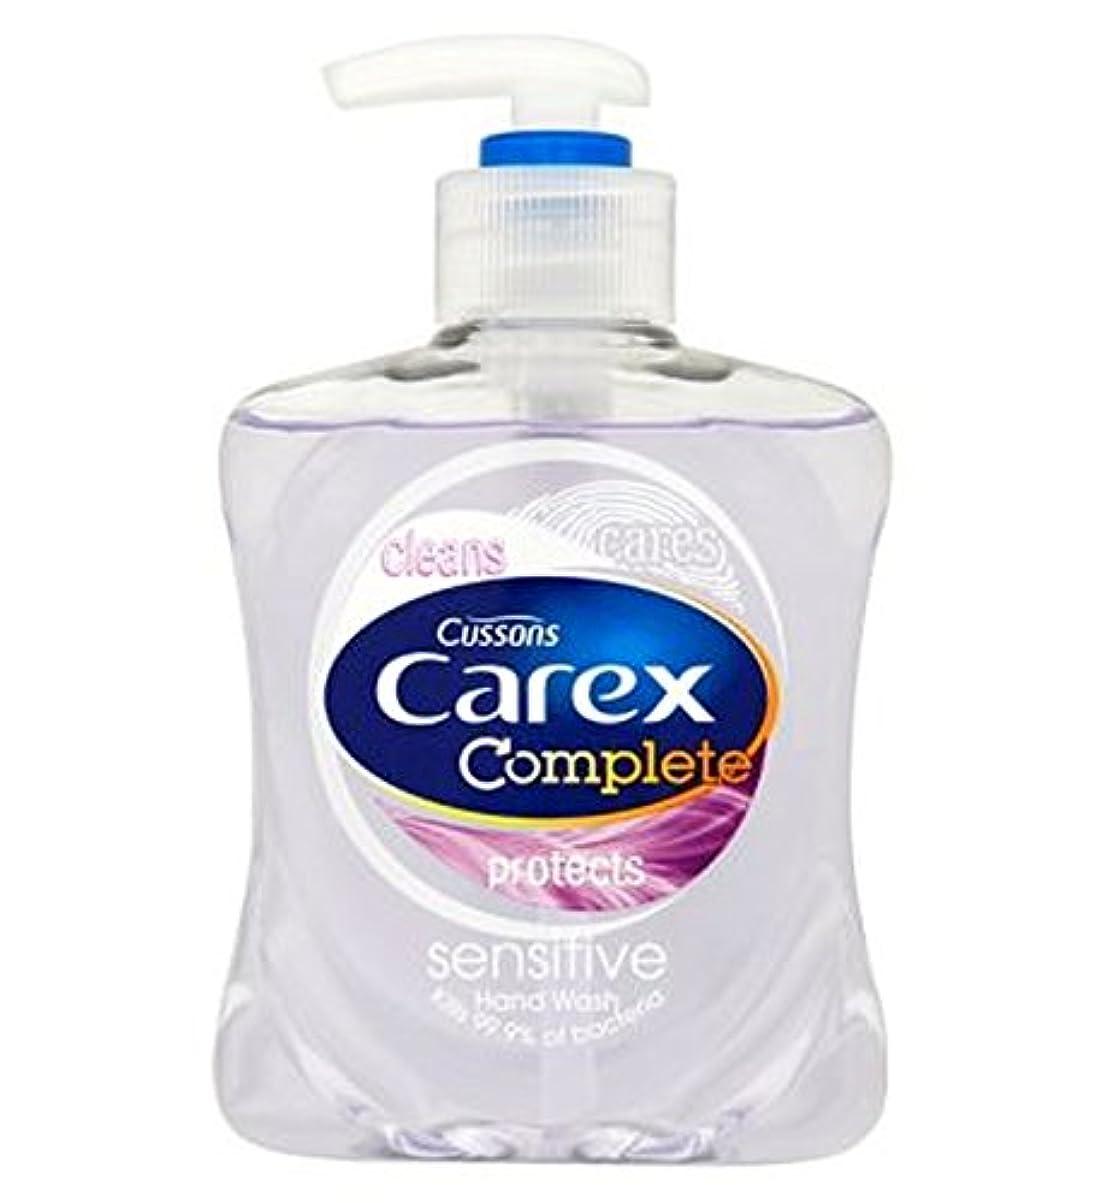 故障中申し立てられたサスティーンスゲ属の完全な機密ハンドウォッシュ250ミリリットル (Carex) (x2) - Carex Complete Sensitive Hand Wash 250ml (Pack of 2) [並行輸入品]